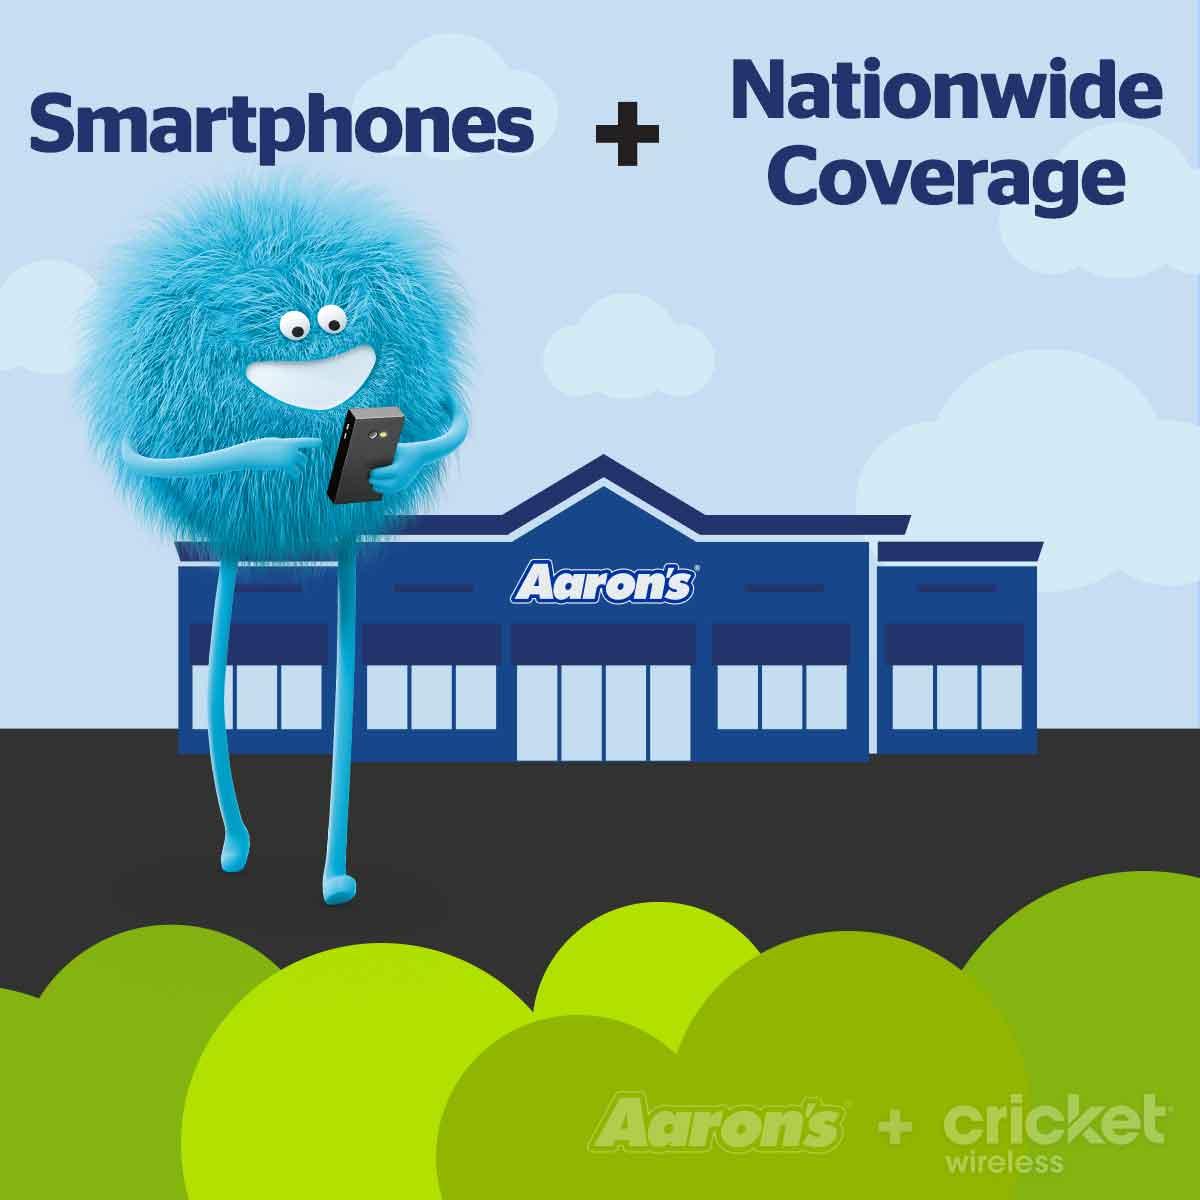 Aaron's Cricket Wireless 2